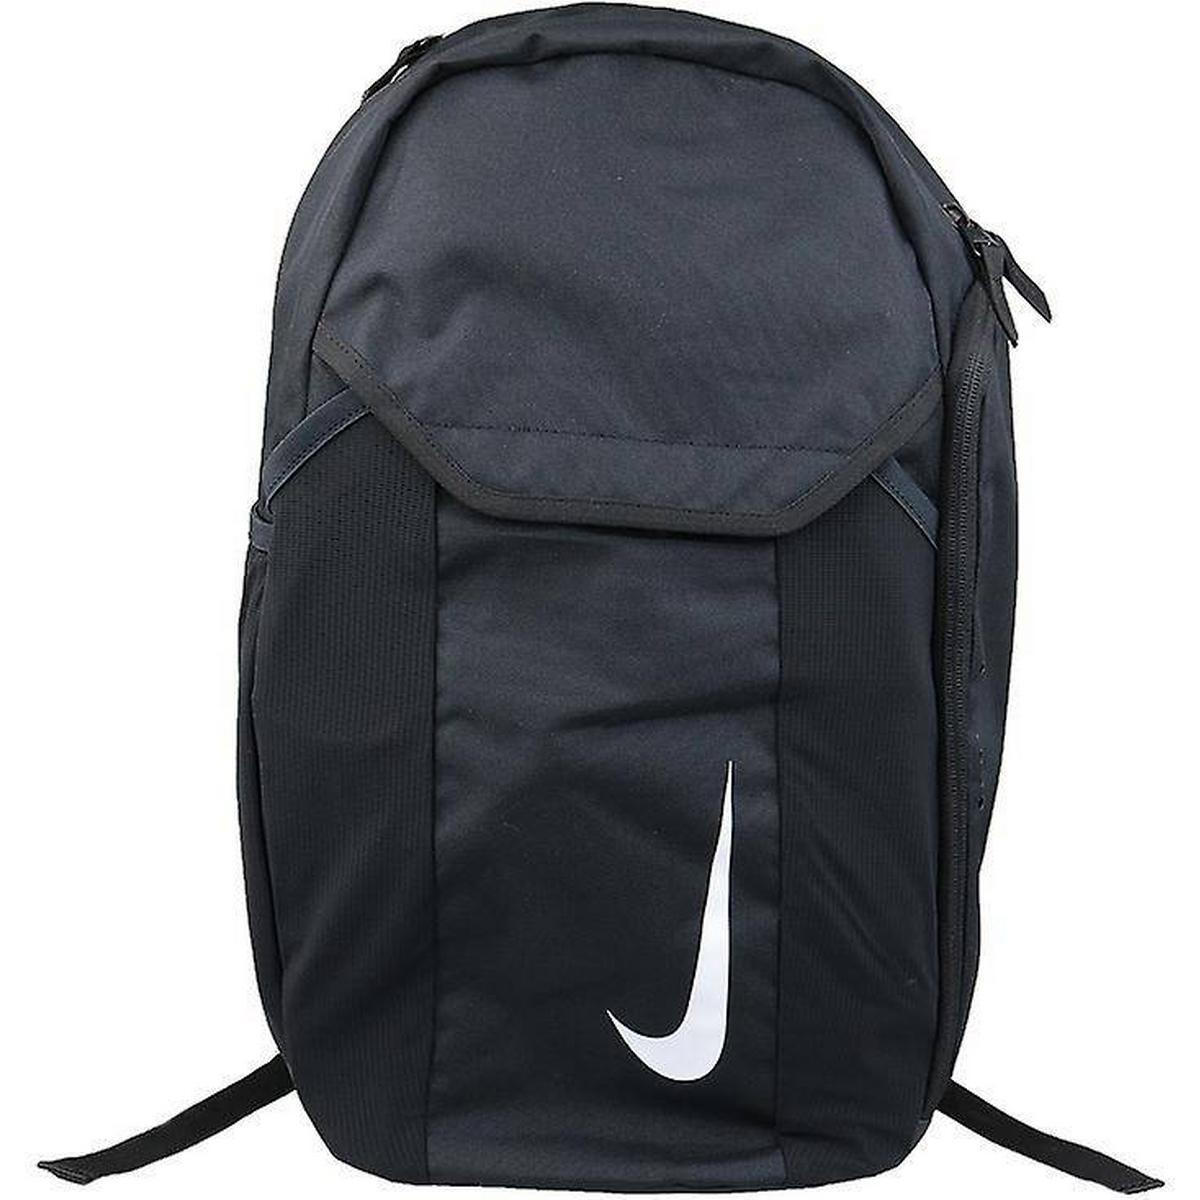 Nike Byxor (1000+ produkter) hos PriceRunner • Se billigste